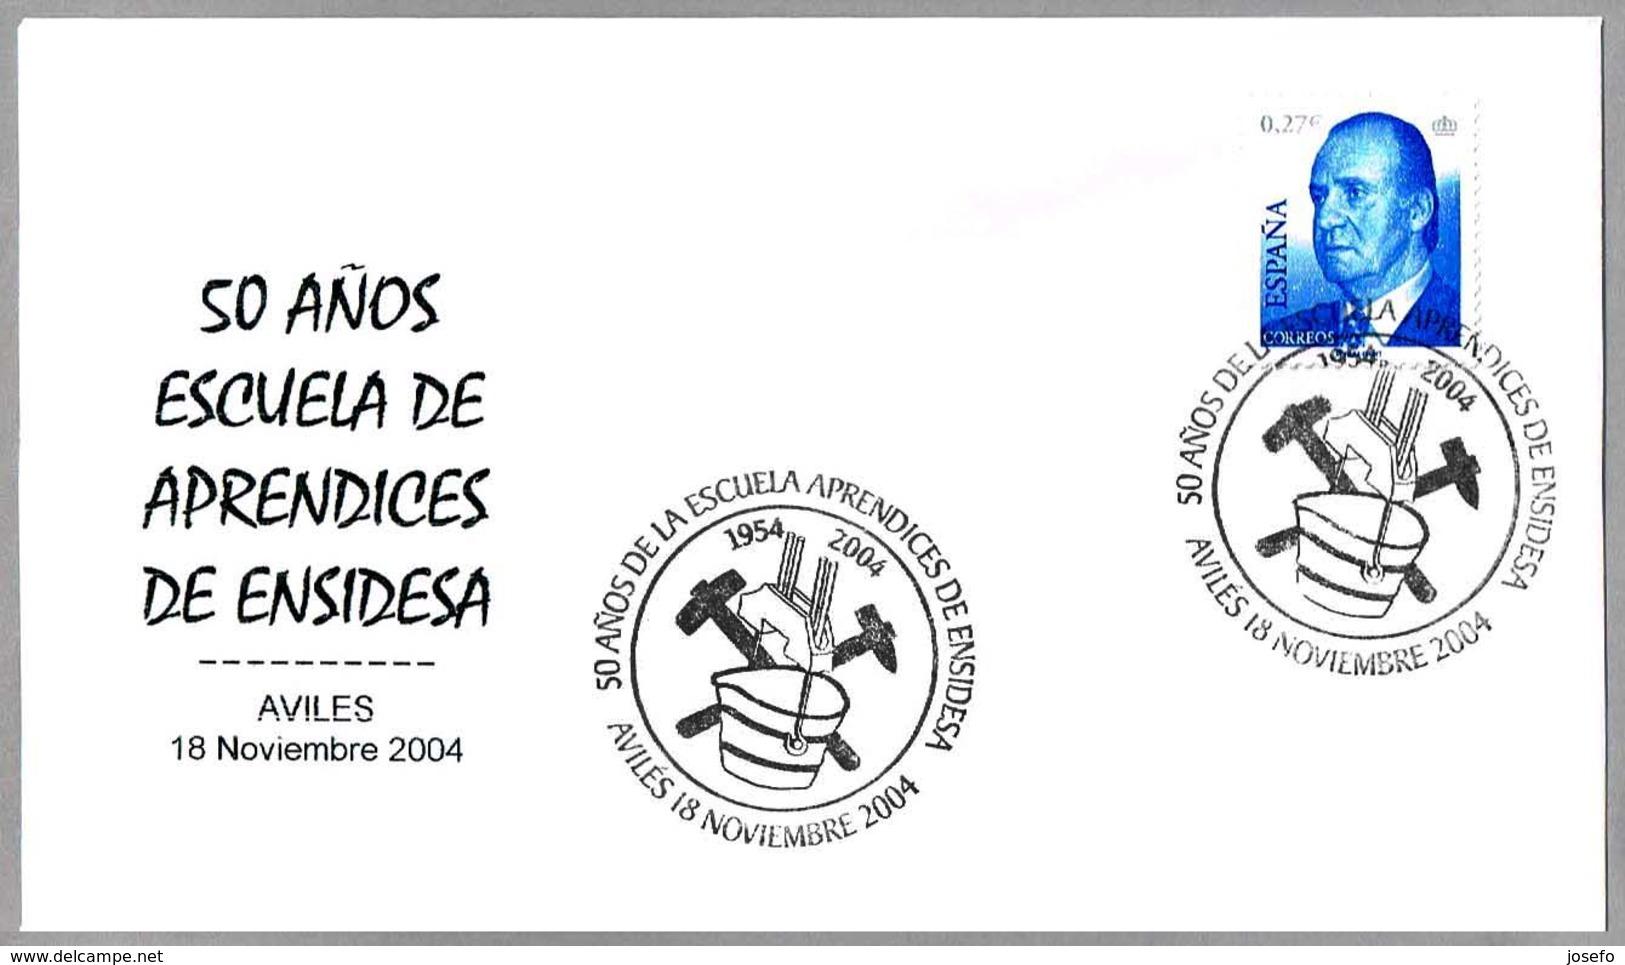 50 Años Escuelas De Aprendices De ENSIDESA - FUNDICION - FOUNDRY. Aviles, Asturias, 2004 - Fábricas Y Industrias